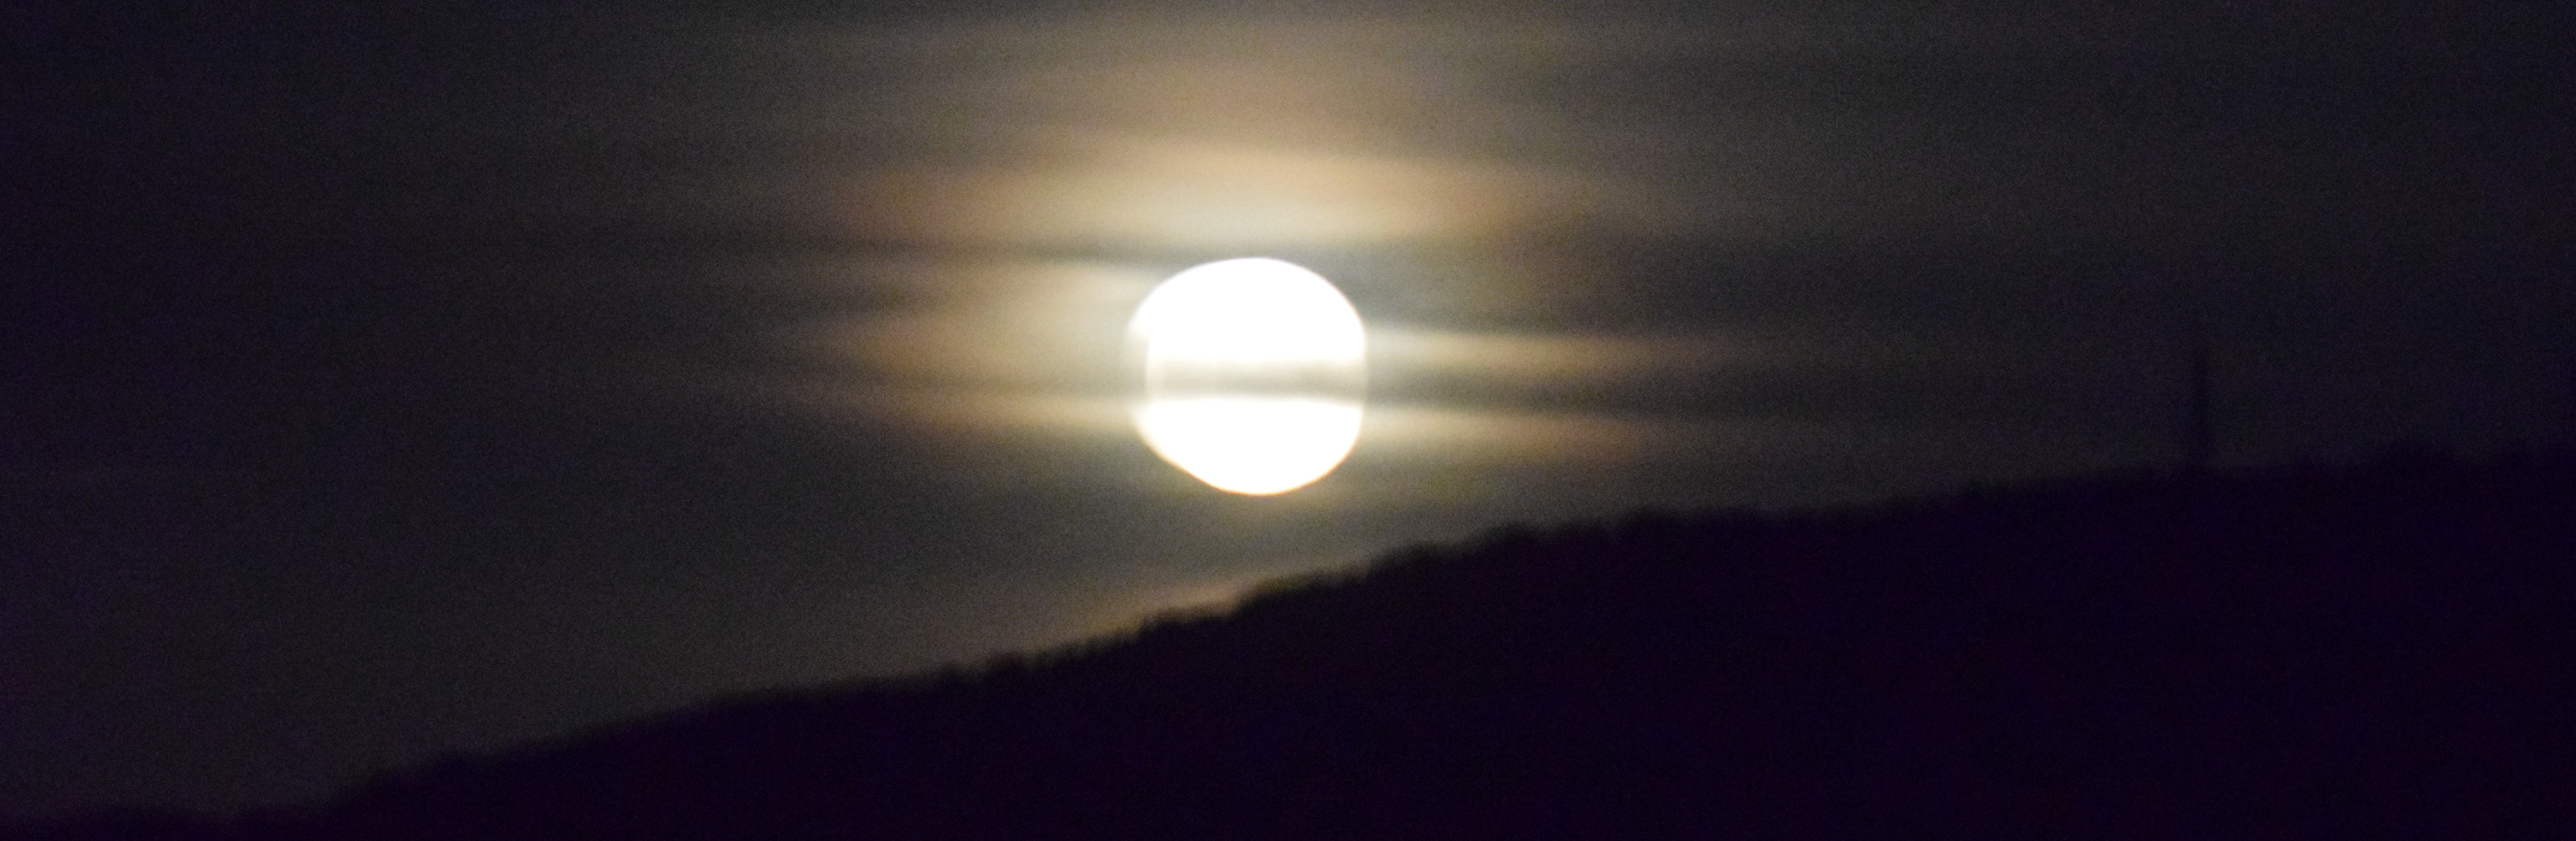 Volle-maan-Wandeling-Banner-12